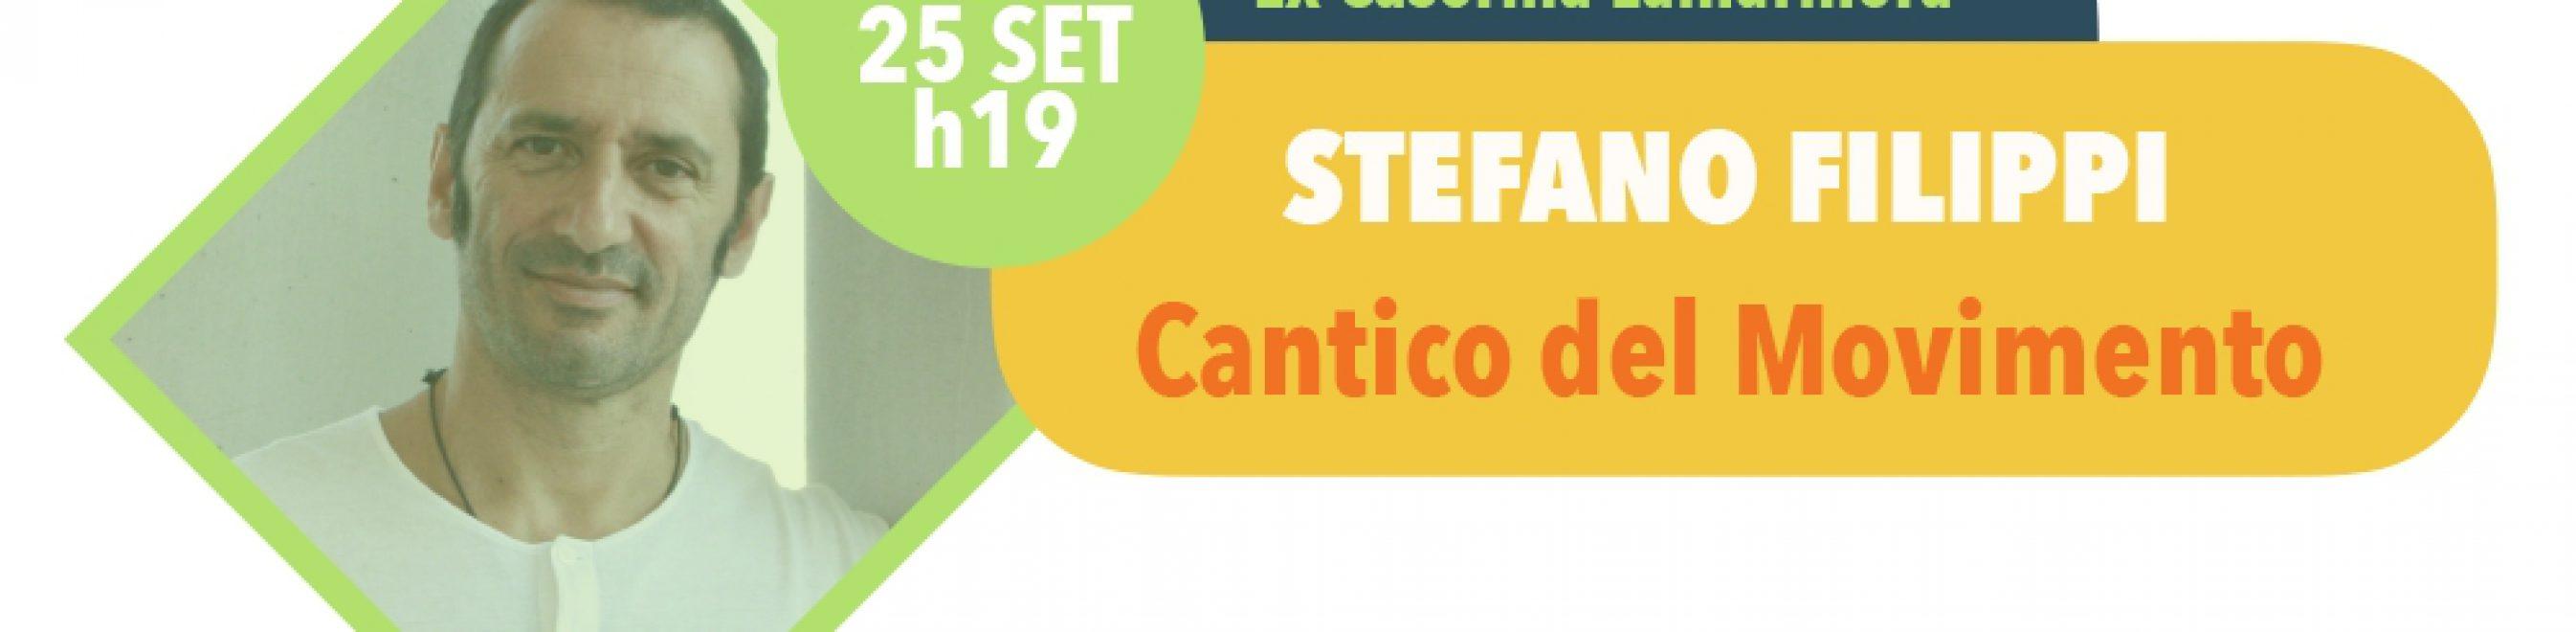 Lunedi 25 settembre, ore 19 - Scenari di Quartiere: San Marco STEFANO FILIPPI